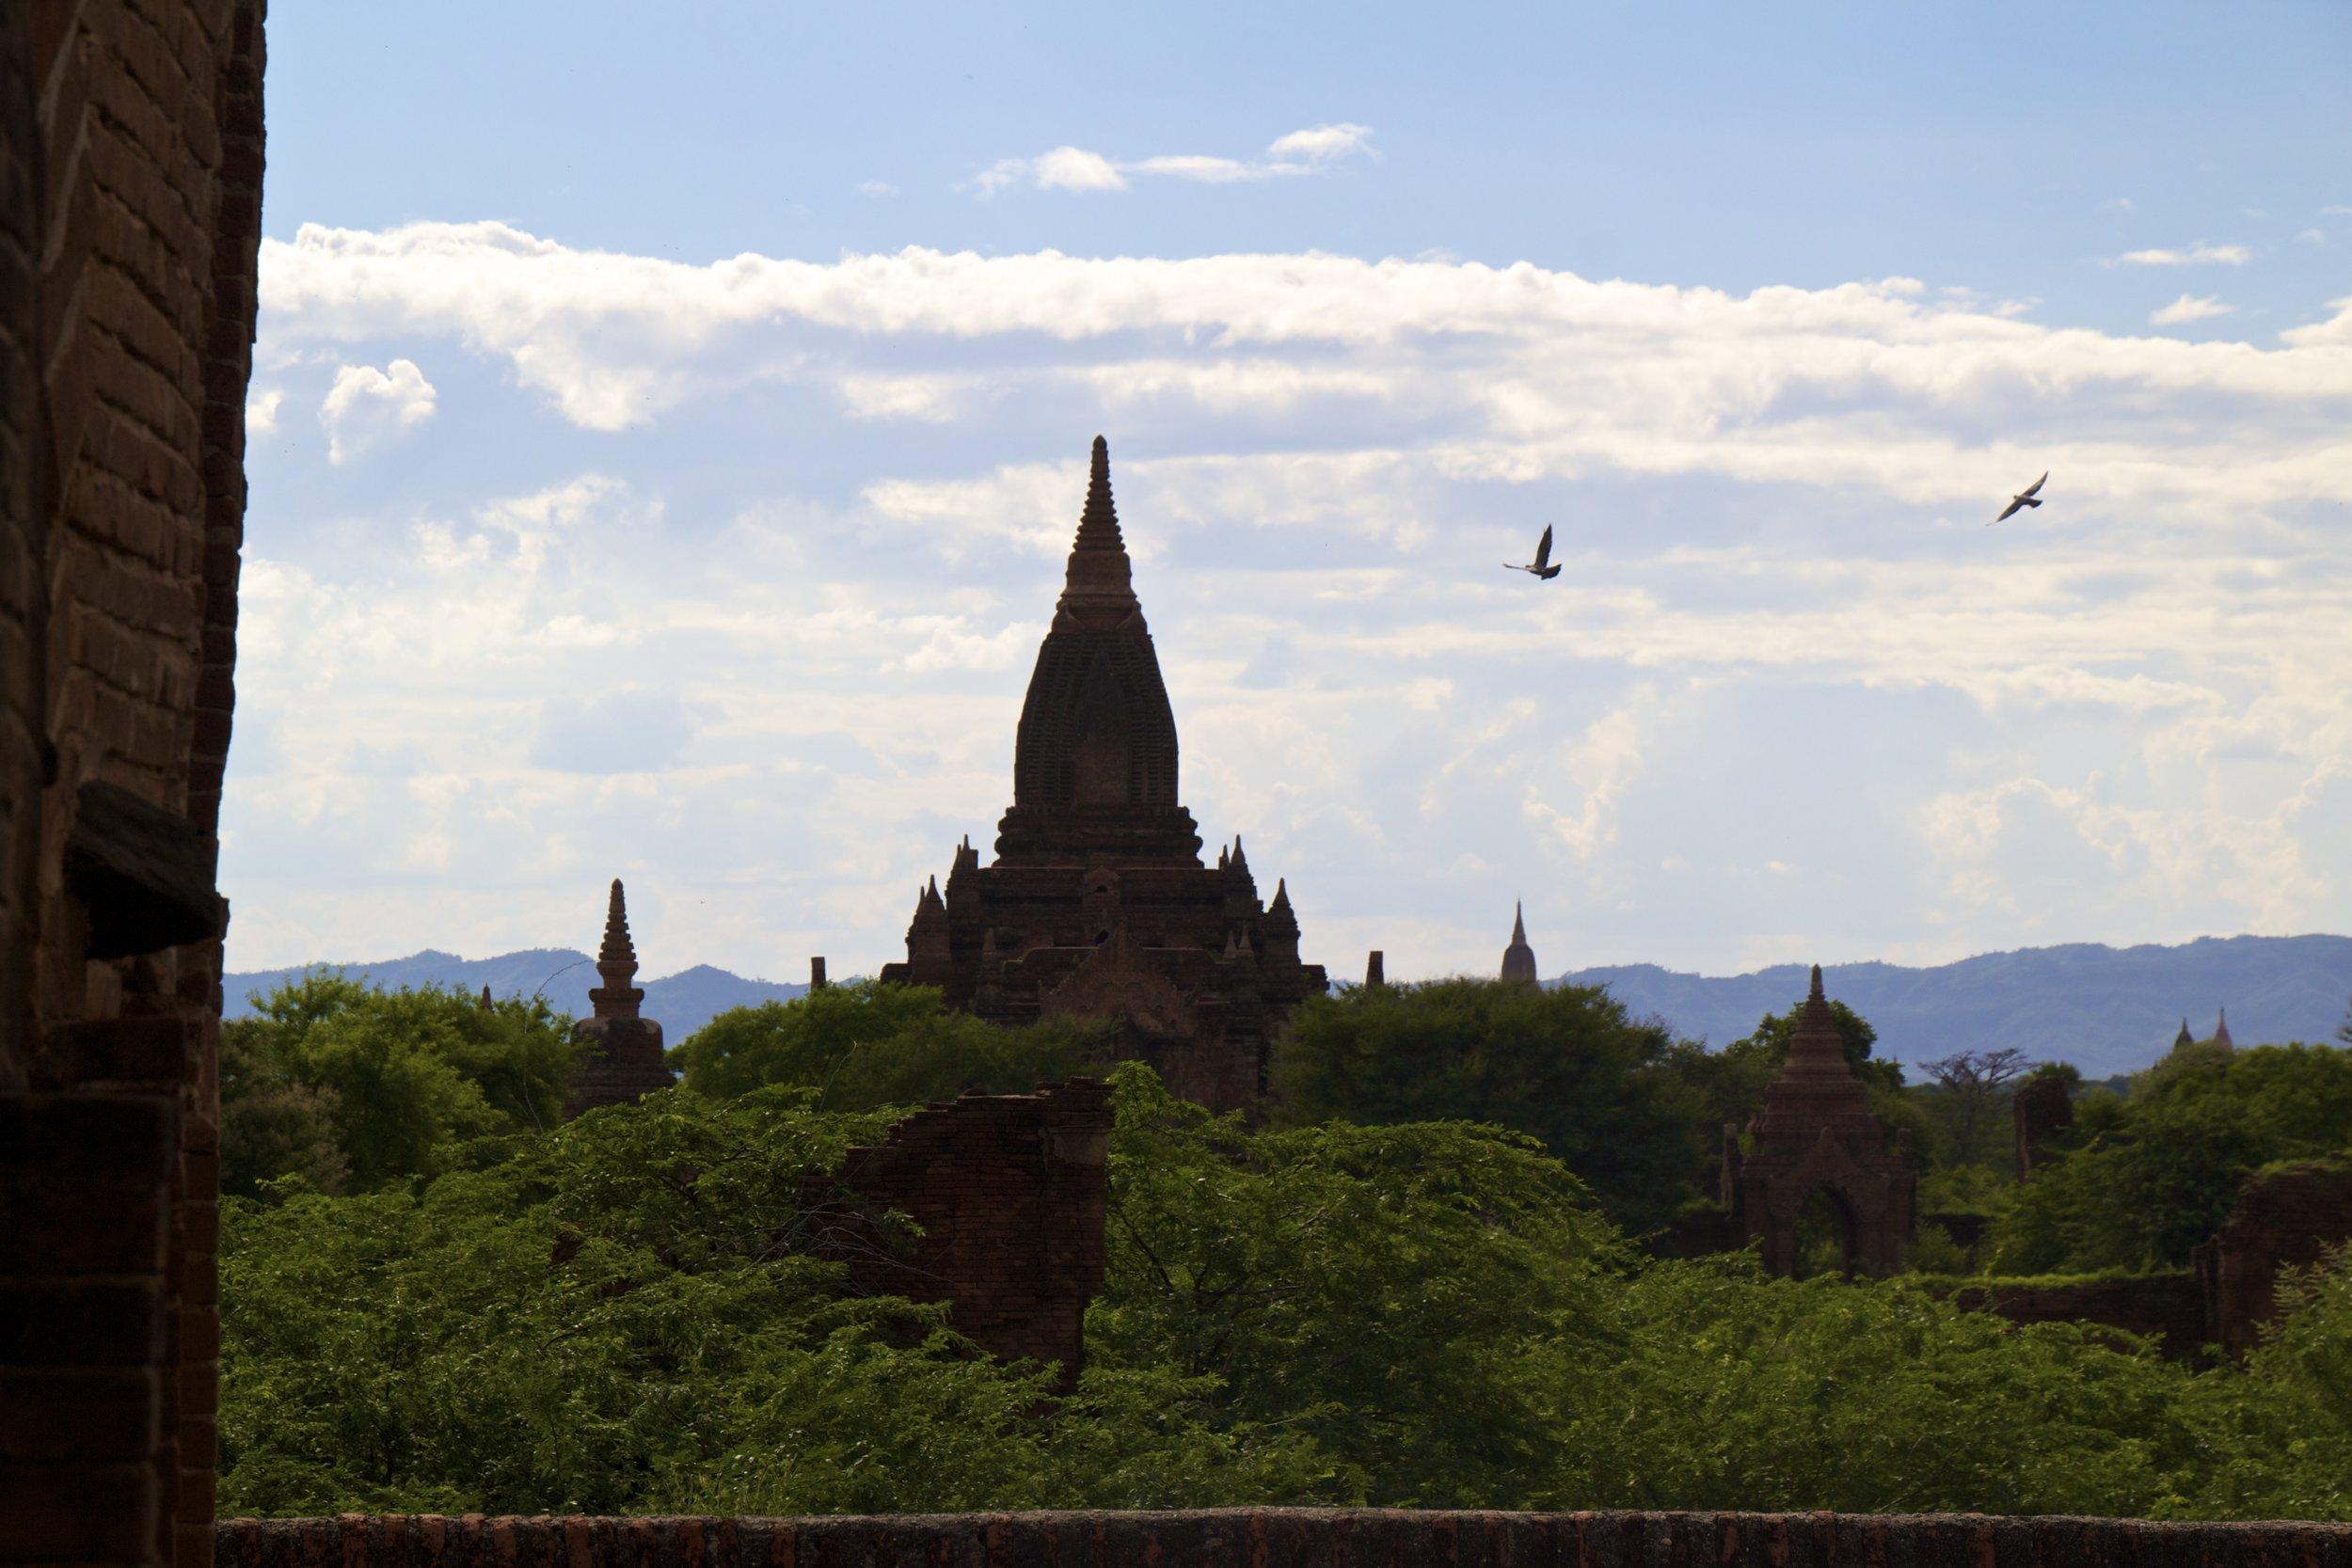 bagan burma myanmar buddhist temples 19.jpg